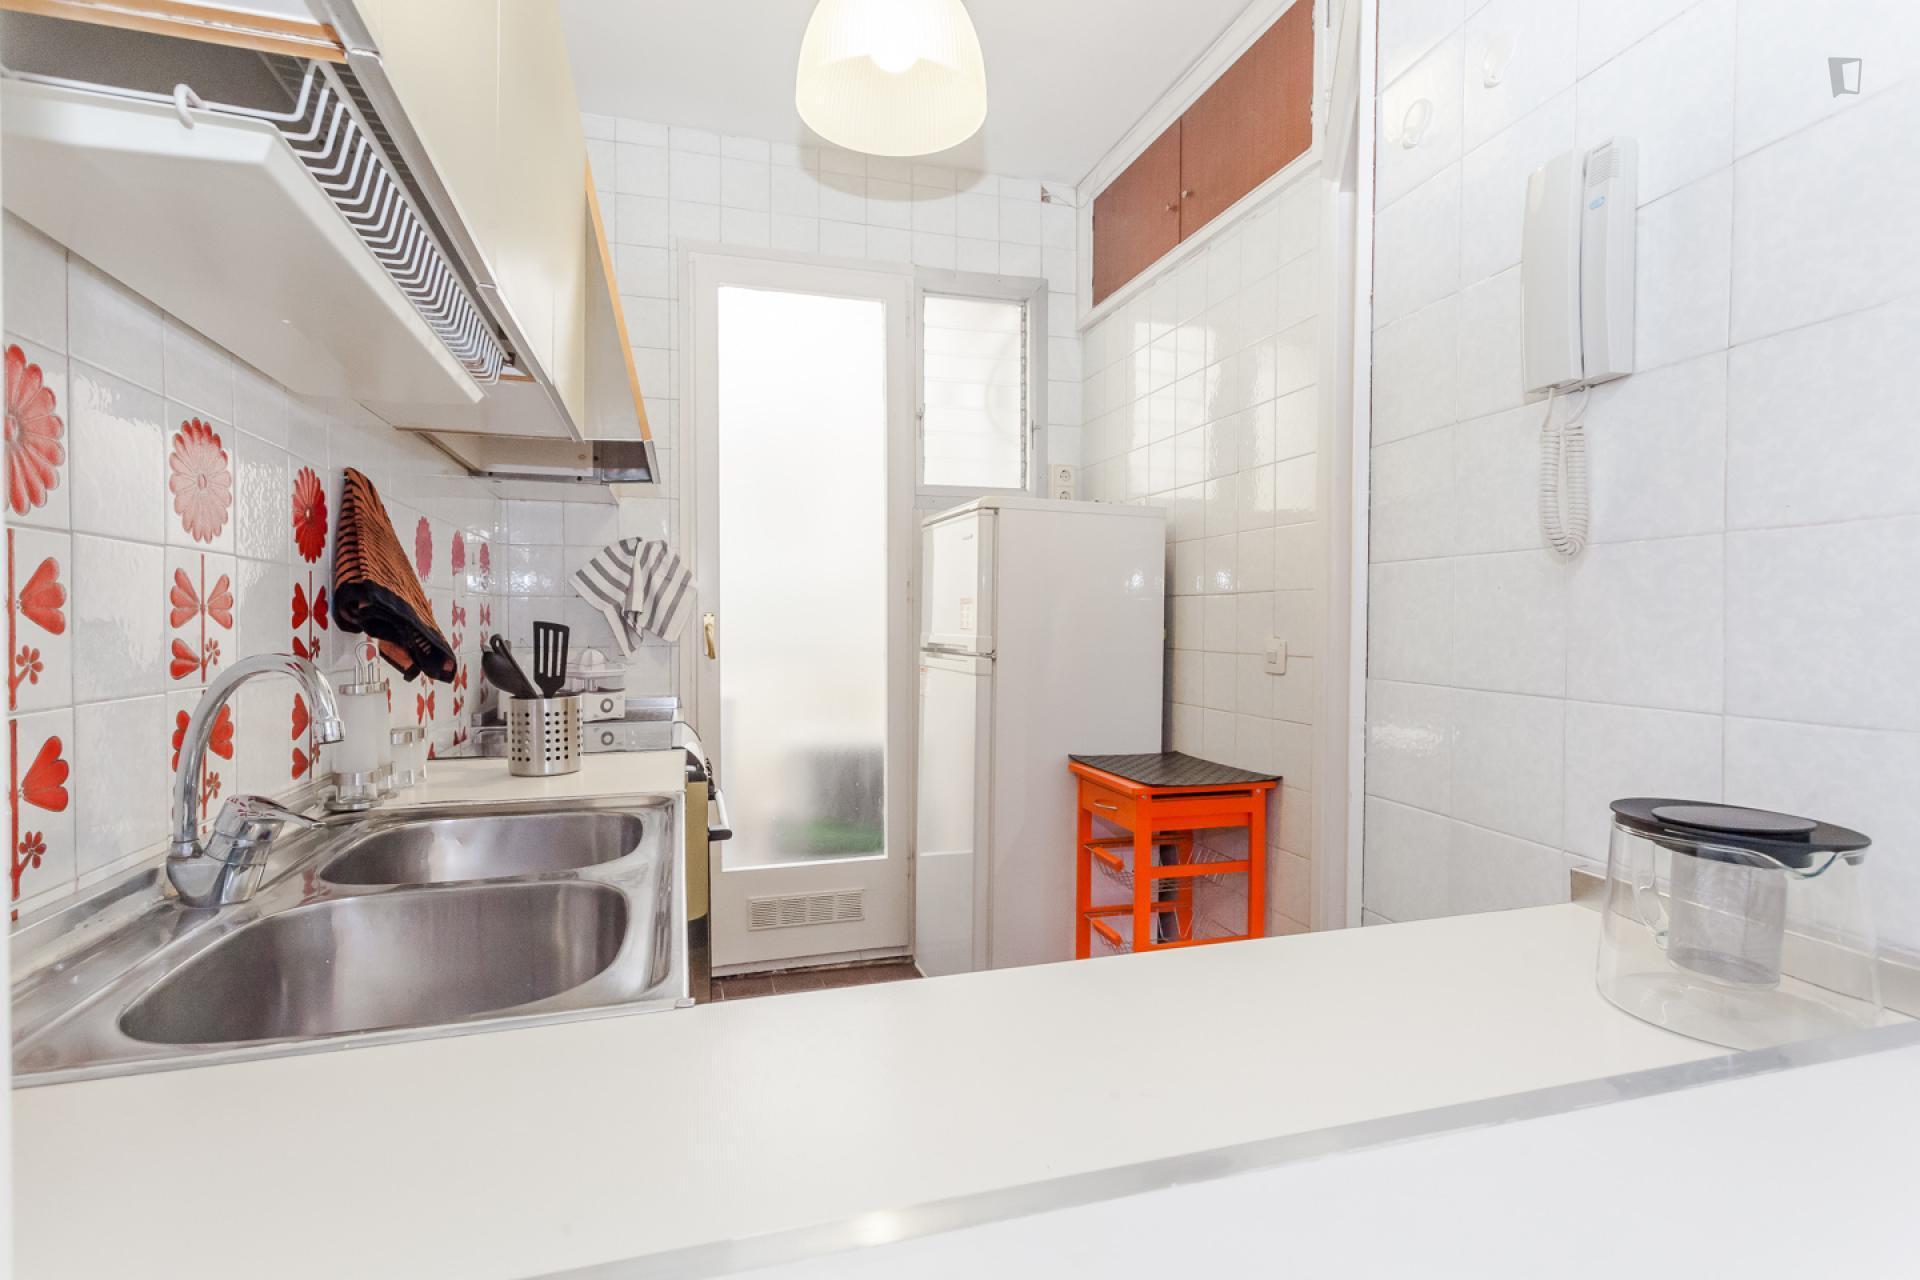 Bonaplata - Furnished studio in Barcelona